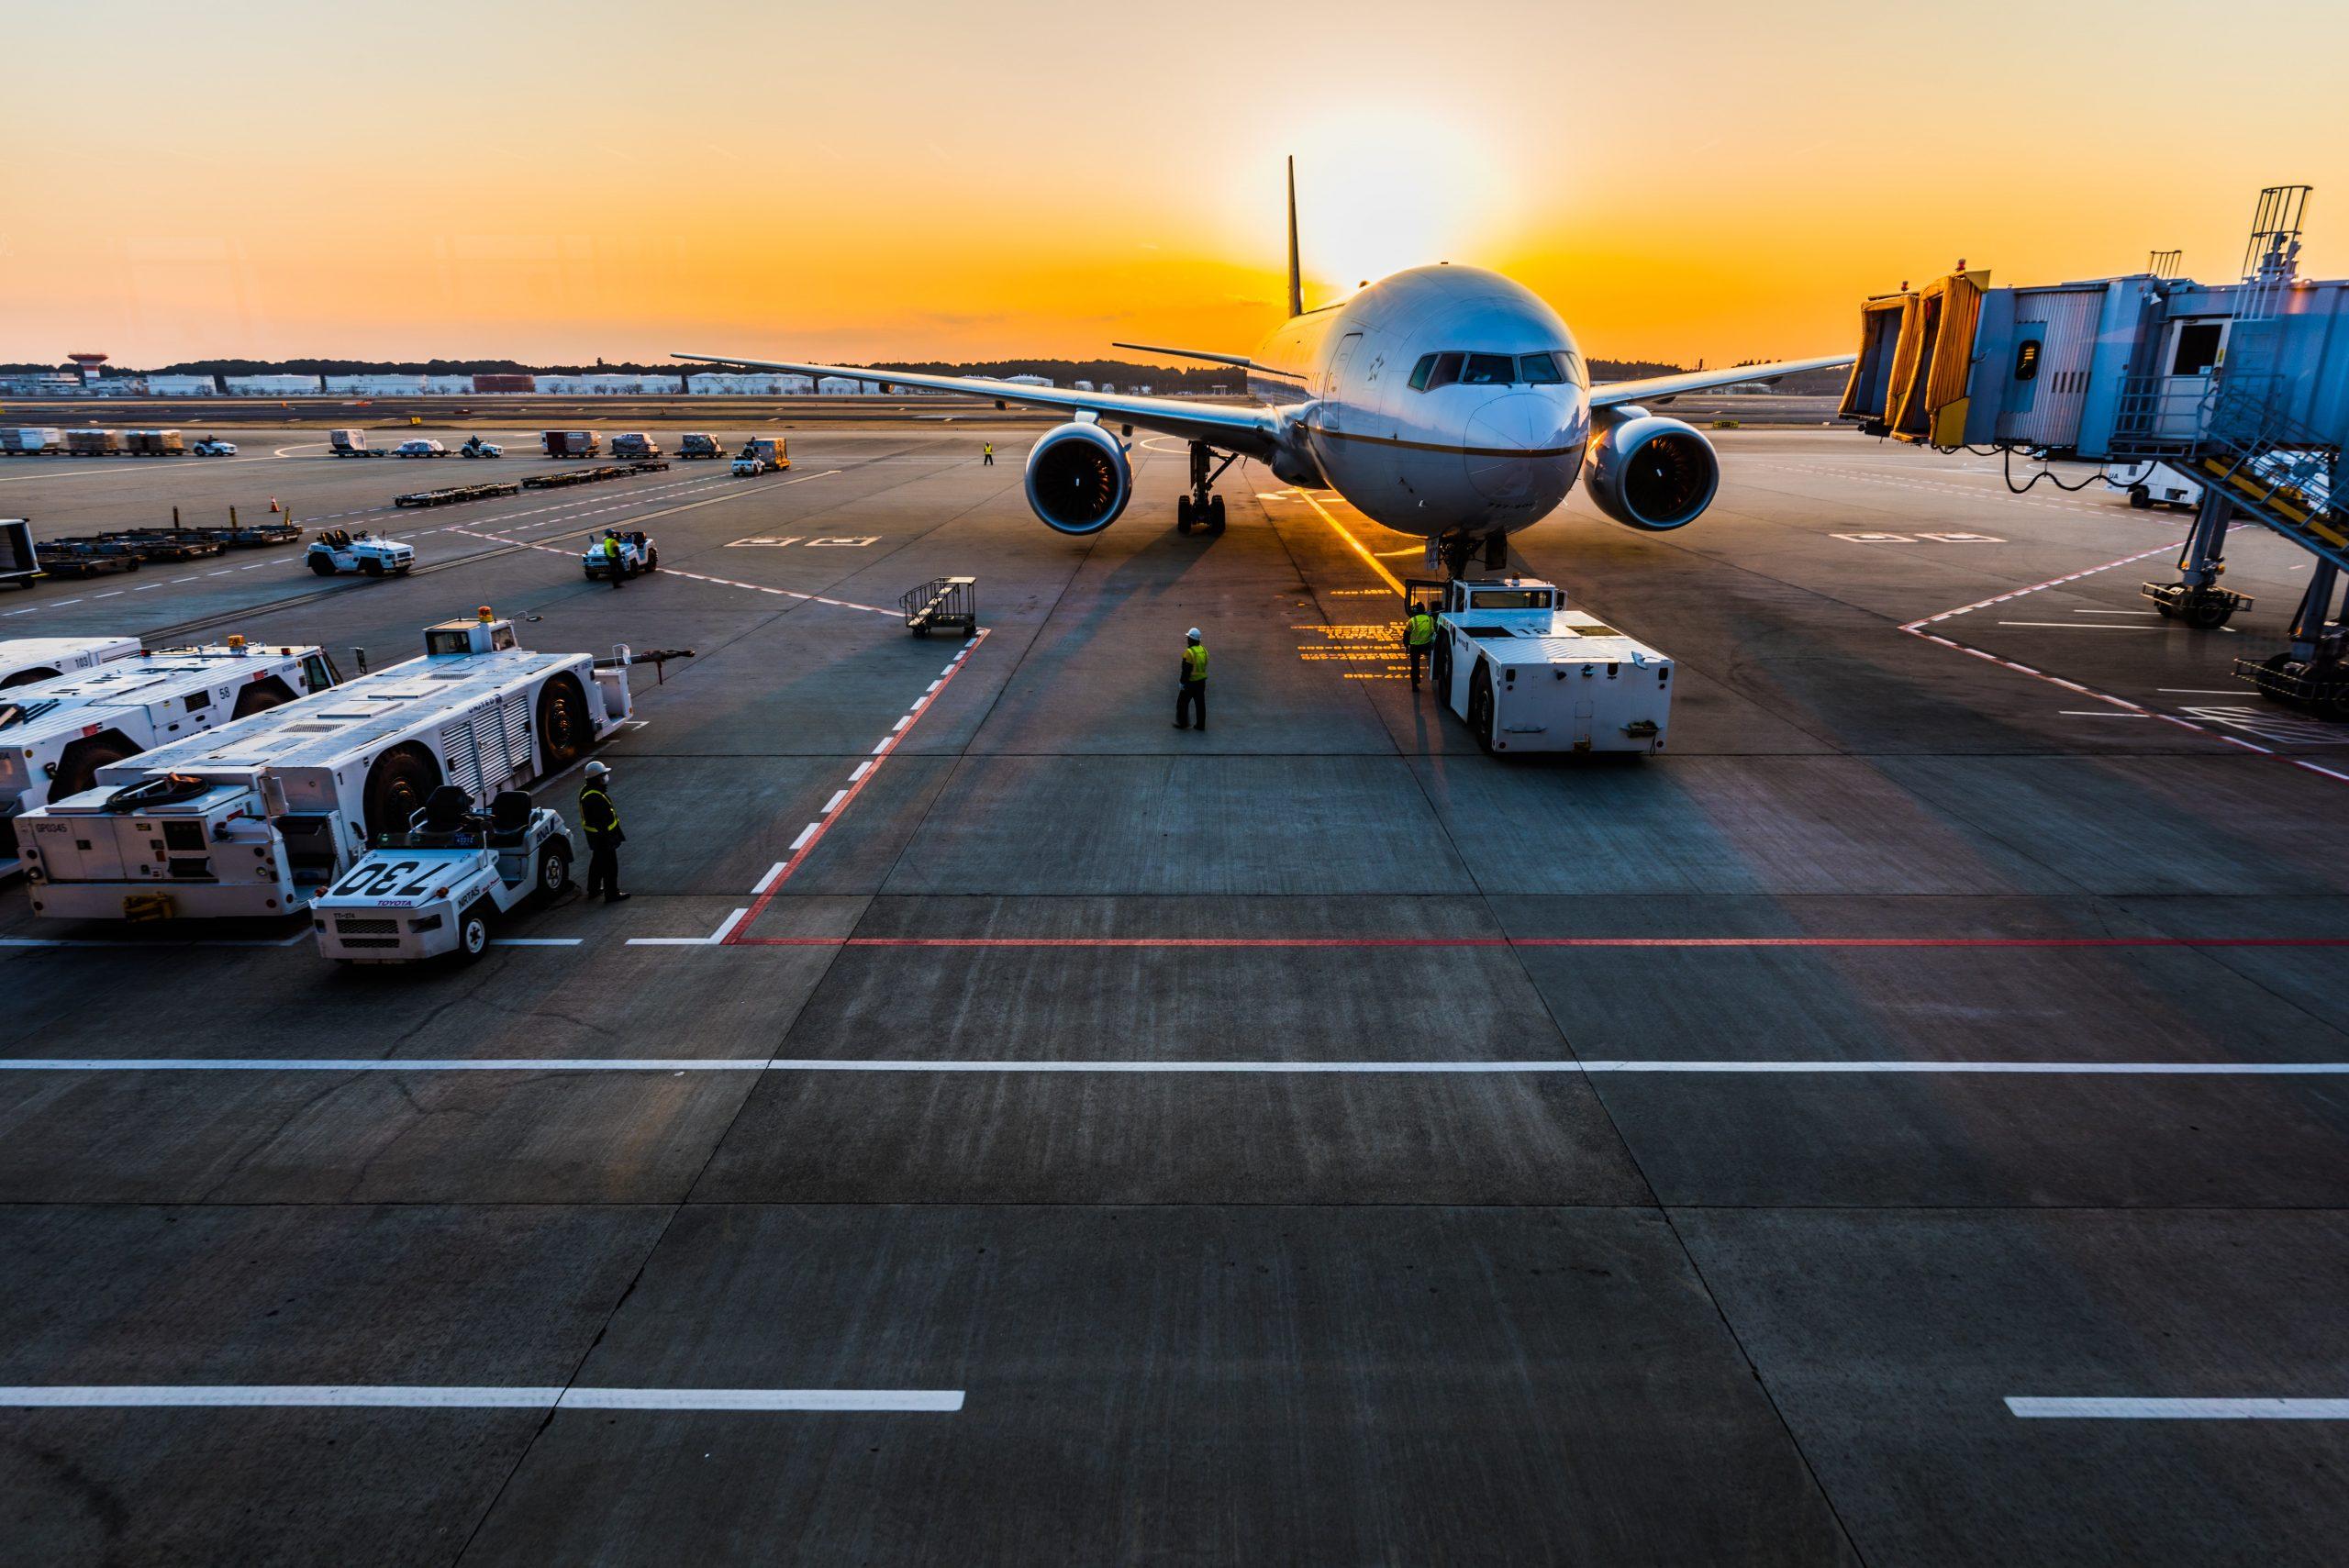 Gestunt prijzen vliegtickets moet stoppen